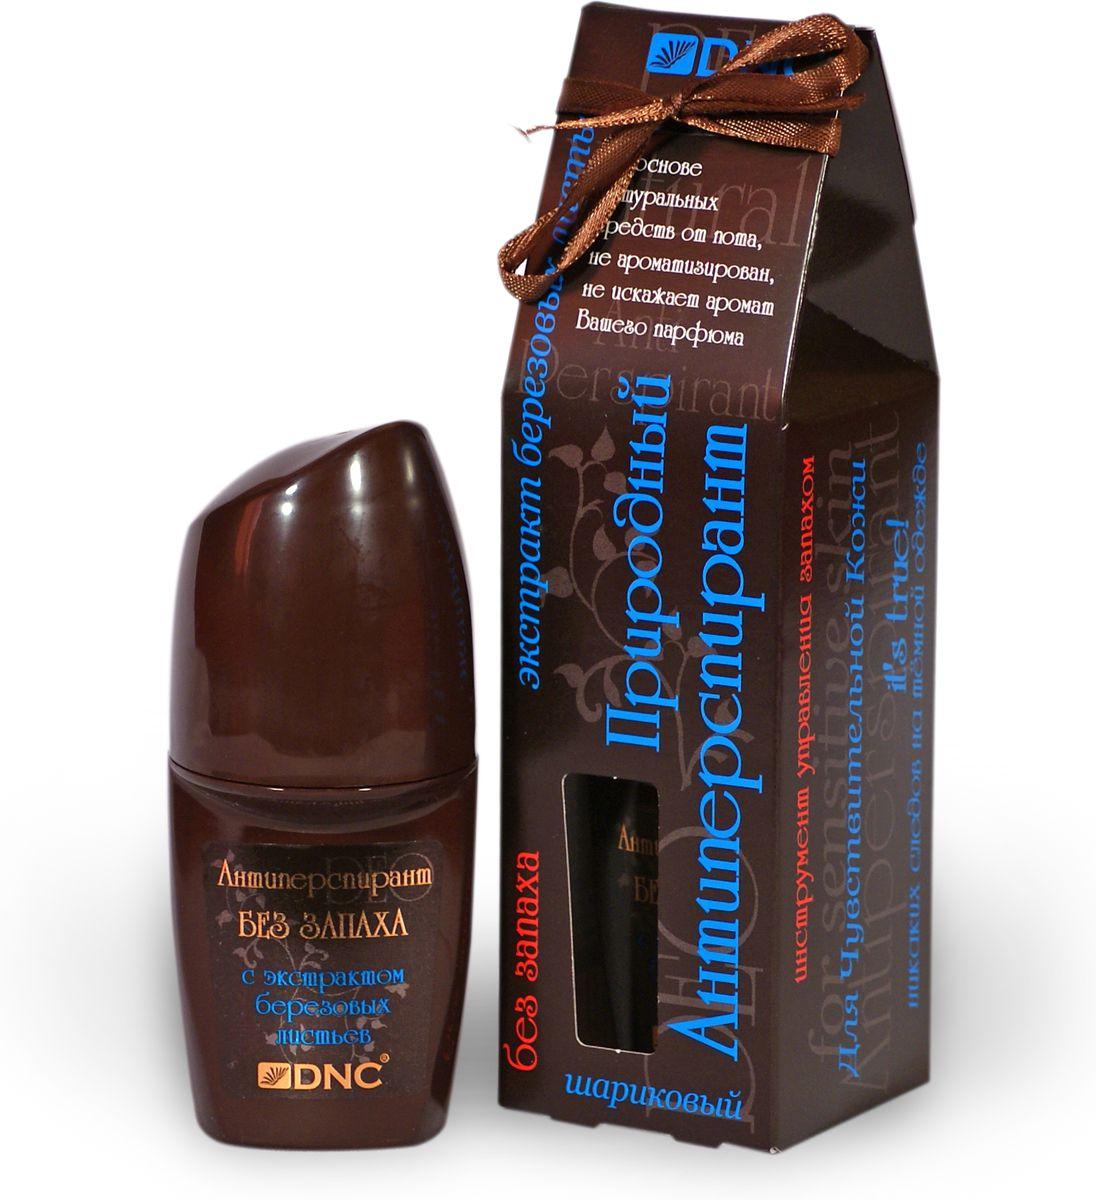 DNC Дезодорант шариковый Экстракт березовых листьев, для чувствительной кожи, без запаха, 50 мл4751006754812Дезодорант без запаха Экстракт березовых листьев предназначен для чувствительной кожи. Уменьшает выделение пота и препятствует появлению влажных пятен. Исключает возникновение запаха пота в течение 24 часов. Деликатно и действенно - на основе природных компонентов. Легко наносится и быстро высыхает, не оставляя следов на коже. Не содержит парфюмерных отдушек. Характеристики:Объем: 50 мл. Производитель: Россия. Товар сертифицирован.